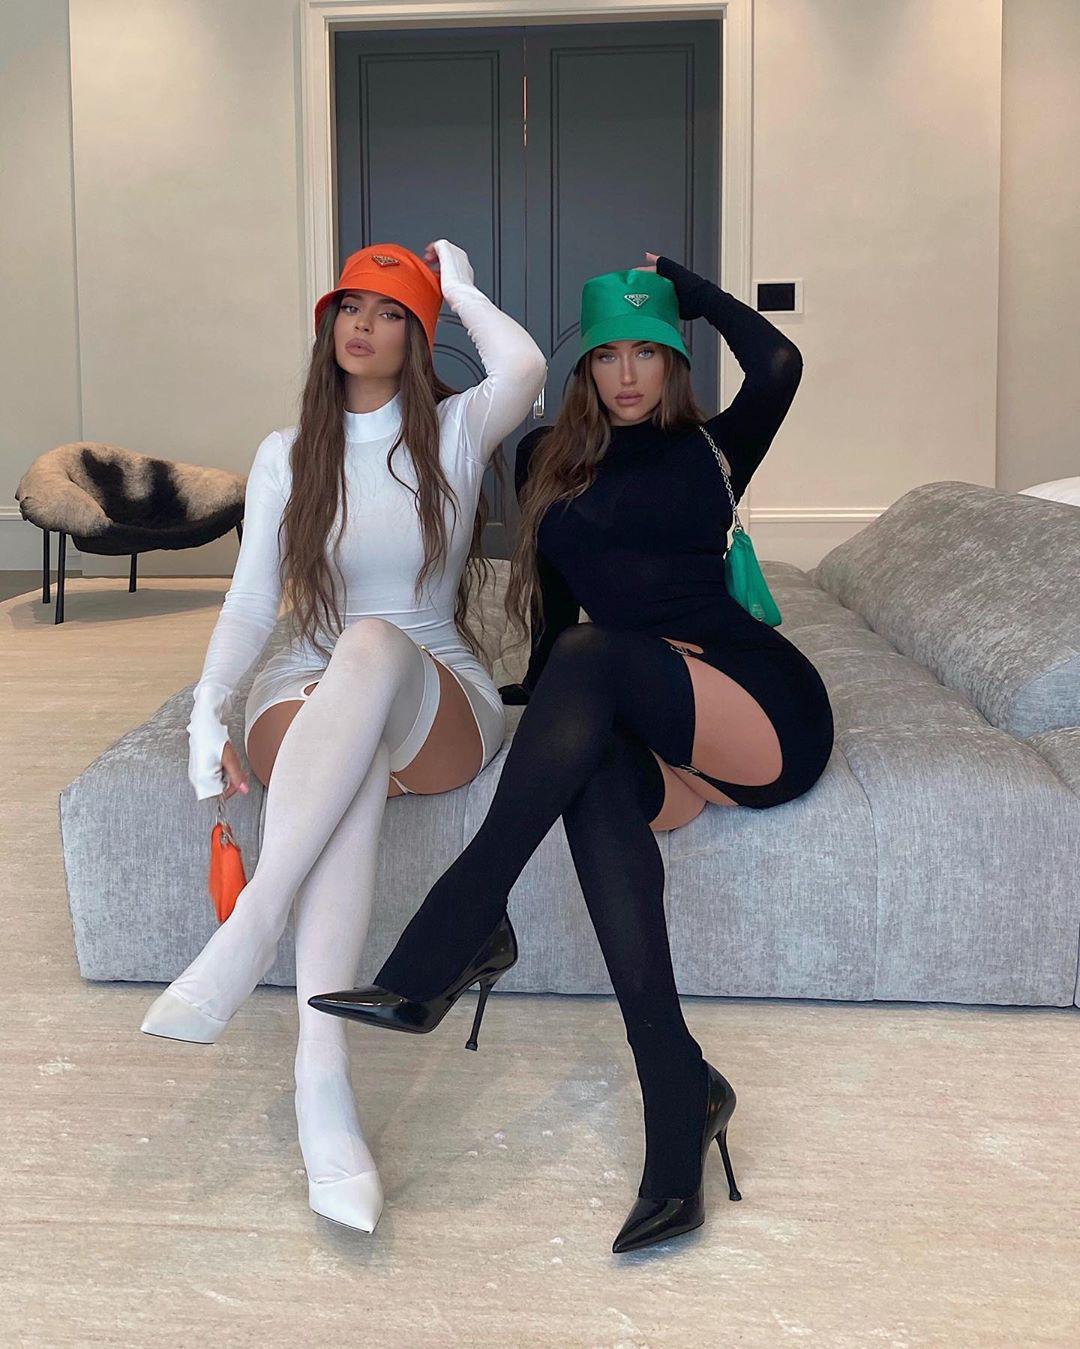 Ngọc Trinh - Chi Pu bốc thật nhưng hóa ra là học tập Kylie và Stassie - 2 bà tổ trong khoản lên đồ đôi khoe body phồn thực  - Ảnh 2.